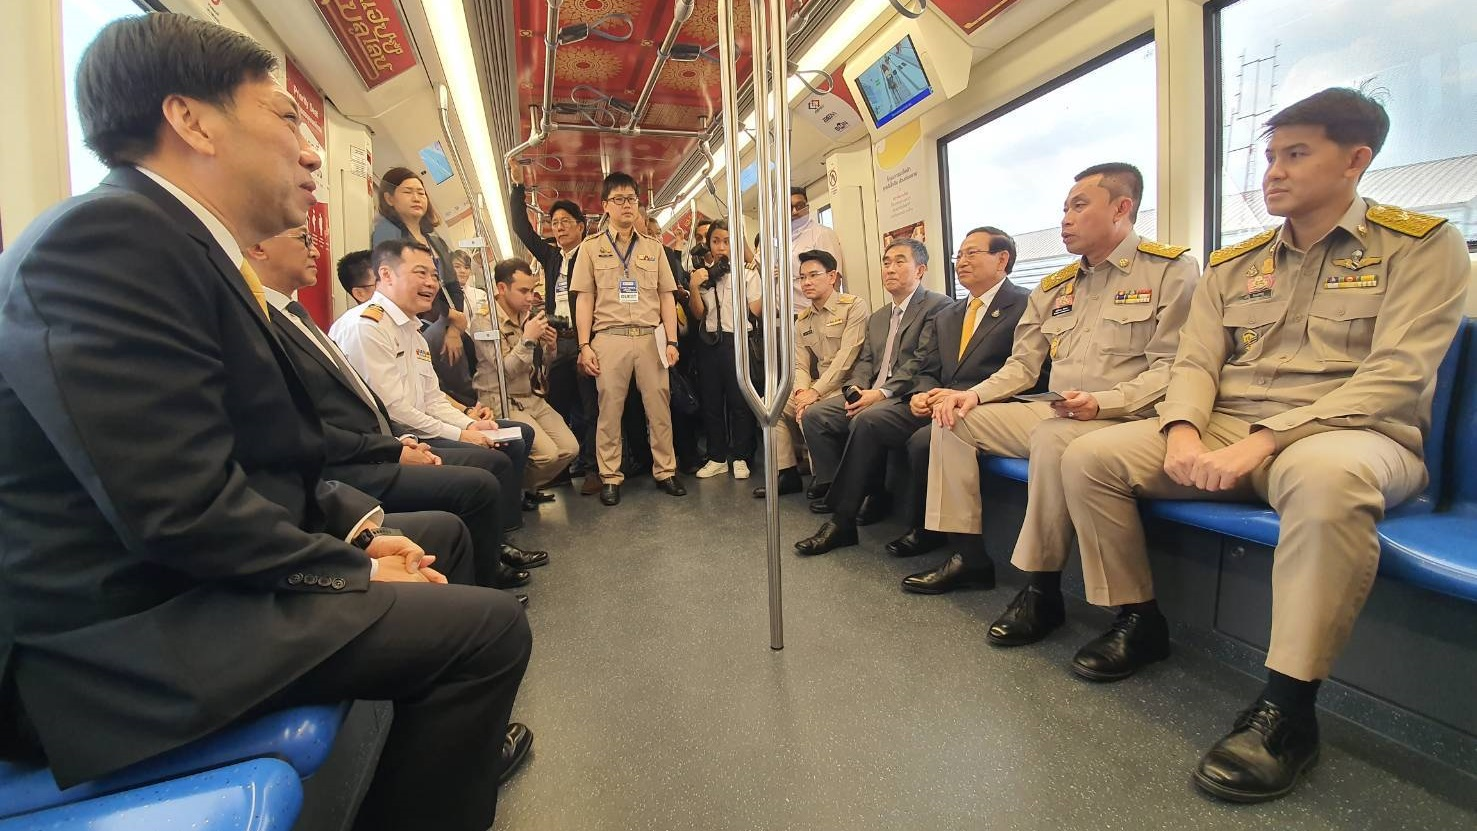 นั่งฟรีรถไฟฟ้า รถไฟฟ้าสายสีน้ำเงิน